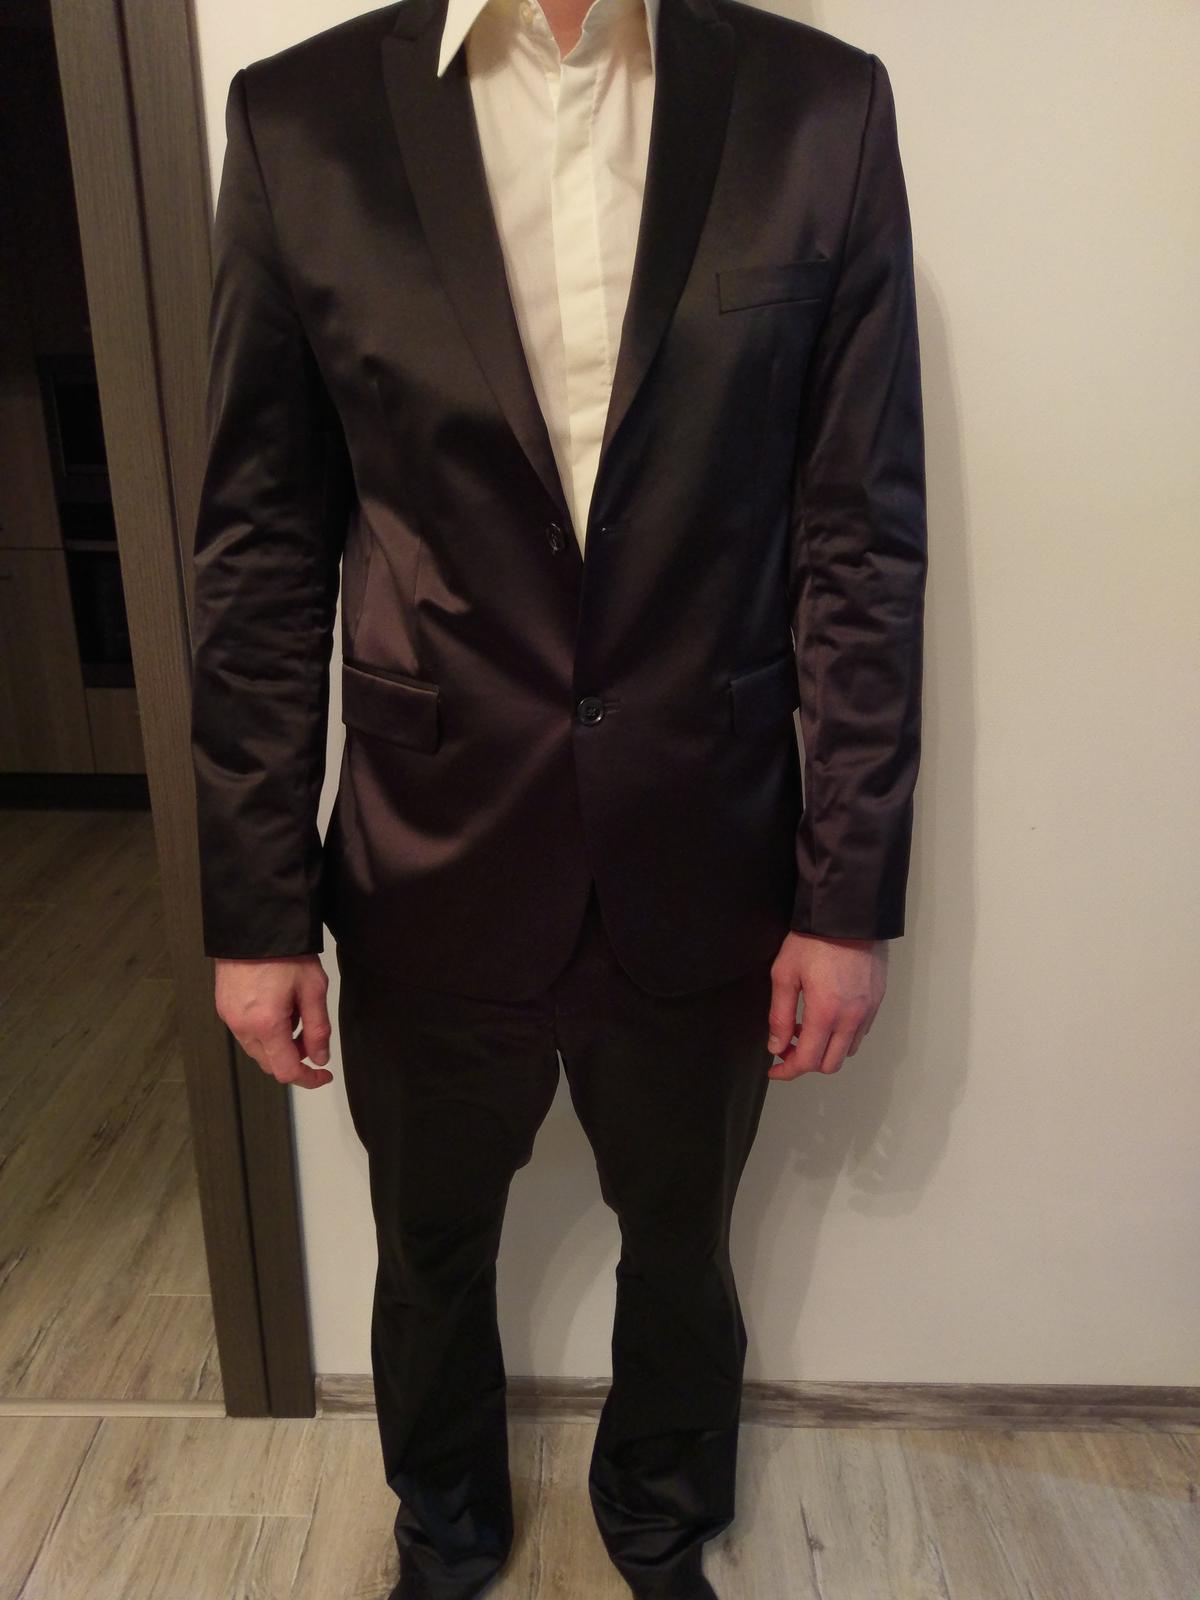 Cierny oblek - Obrázok č. 1